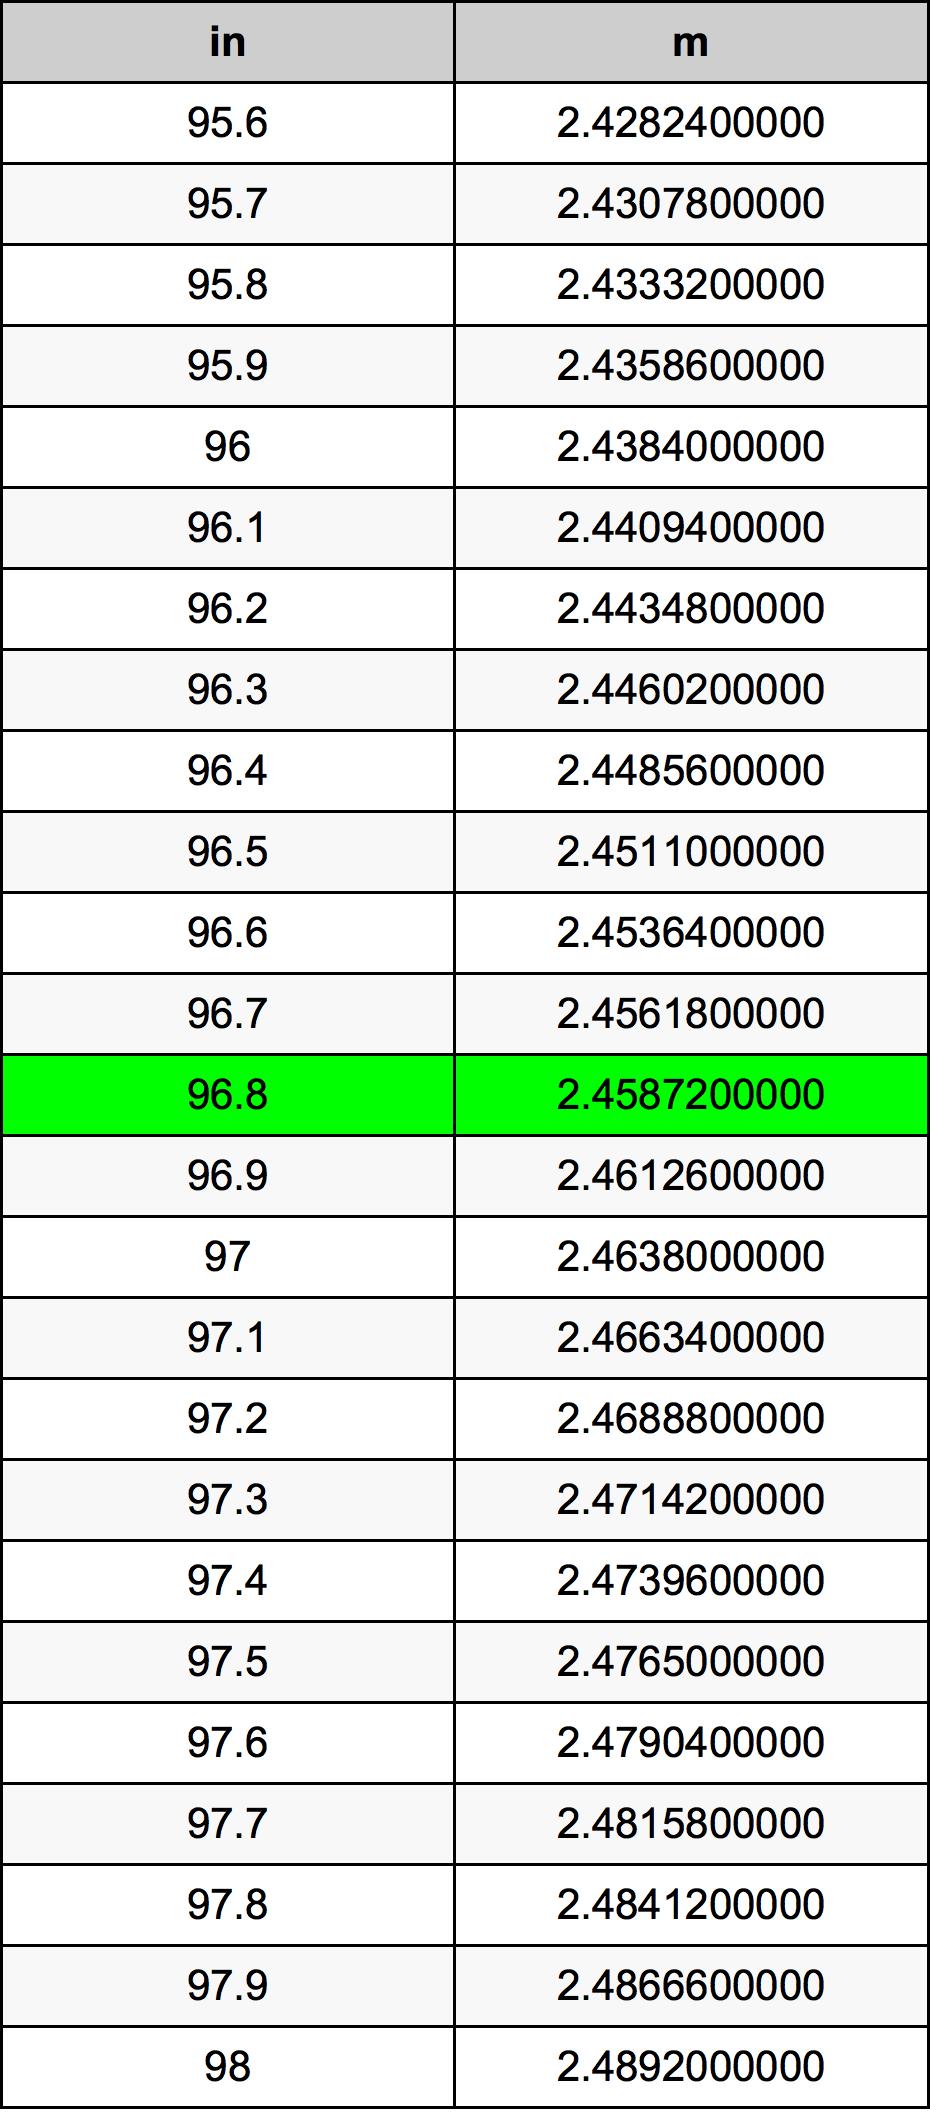 96.8 Pulzier konverżjoni tabella